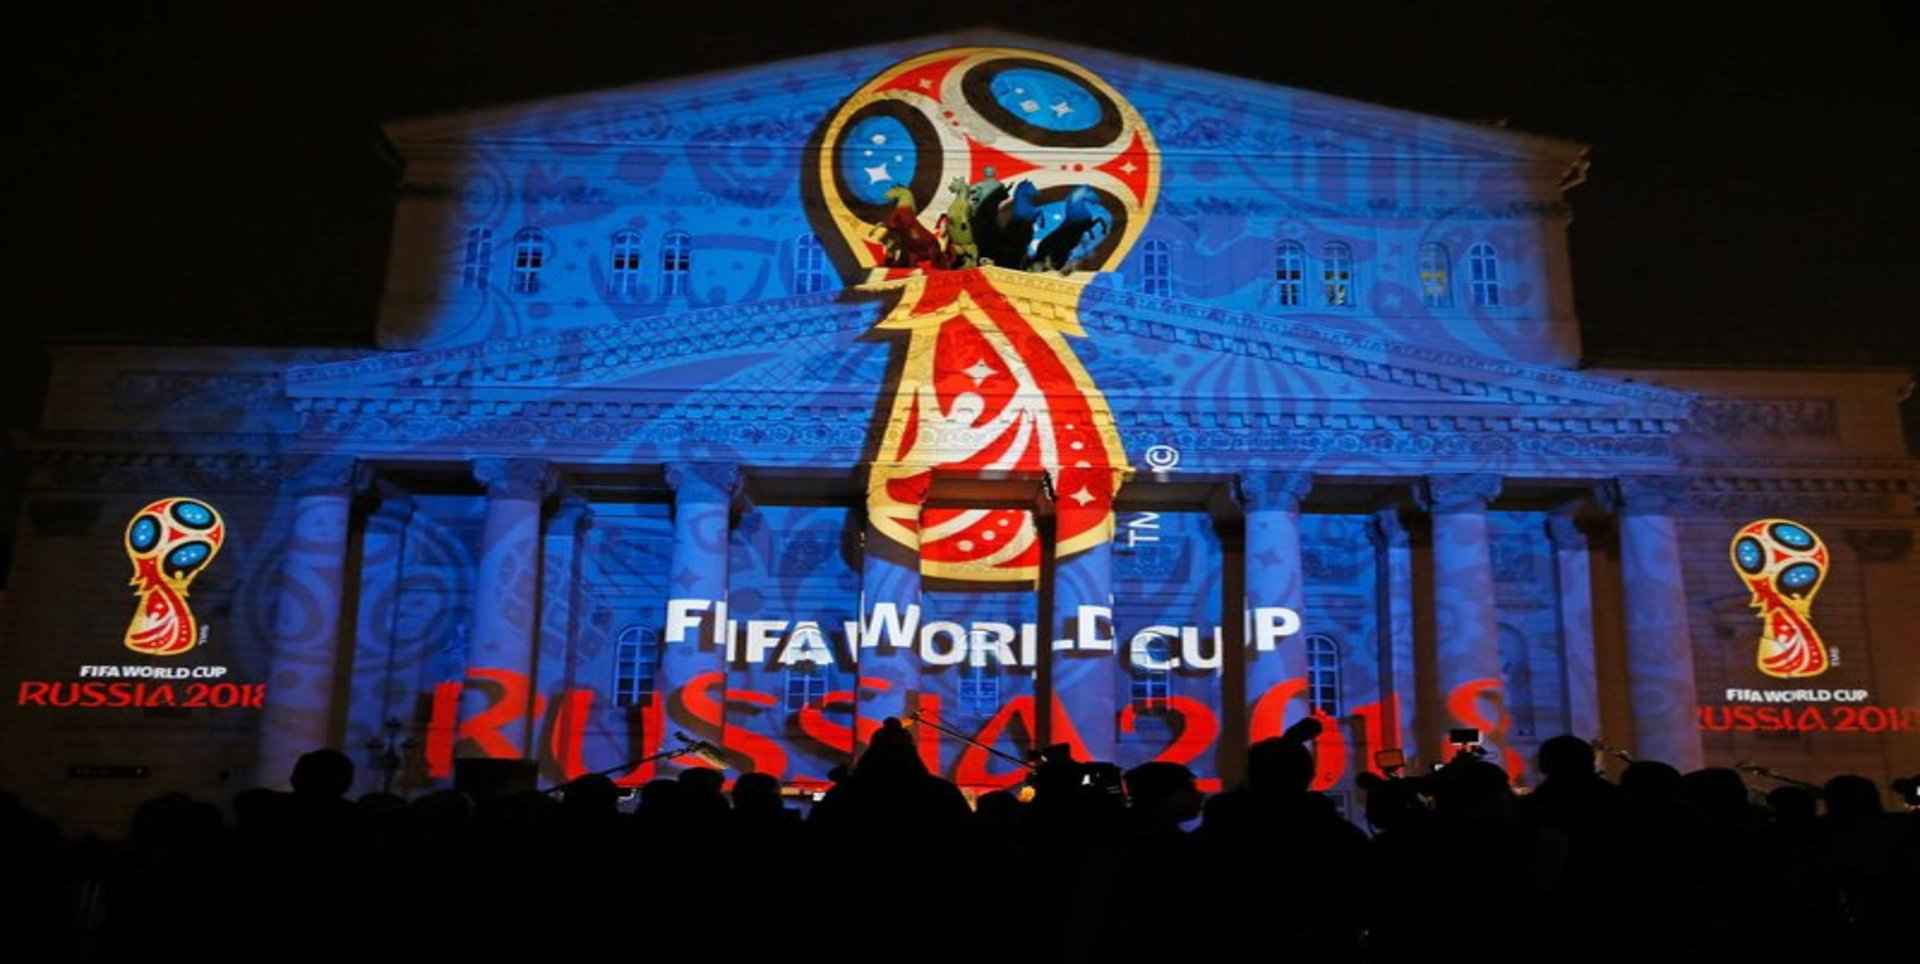 FIFA-WC-Argentina-V-Peru-Live